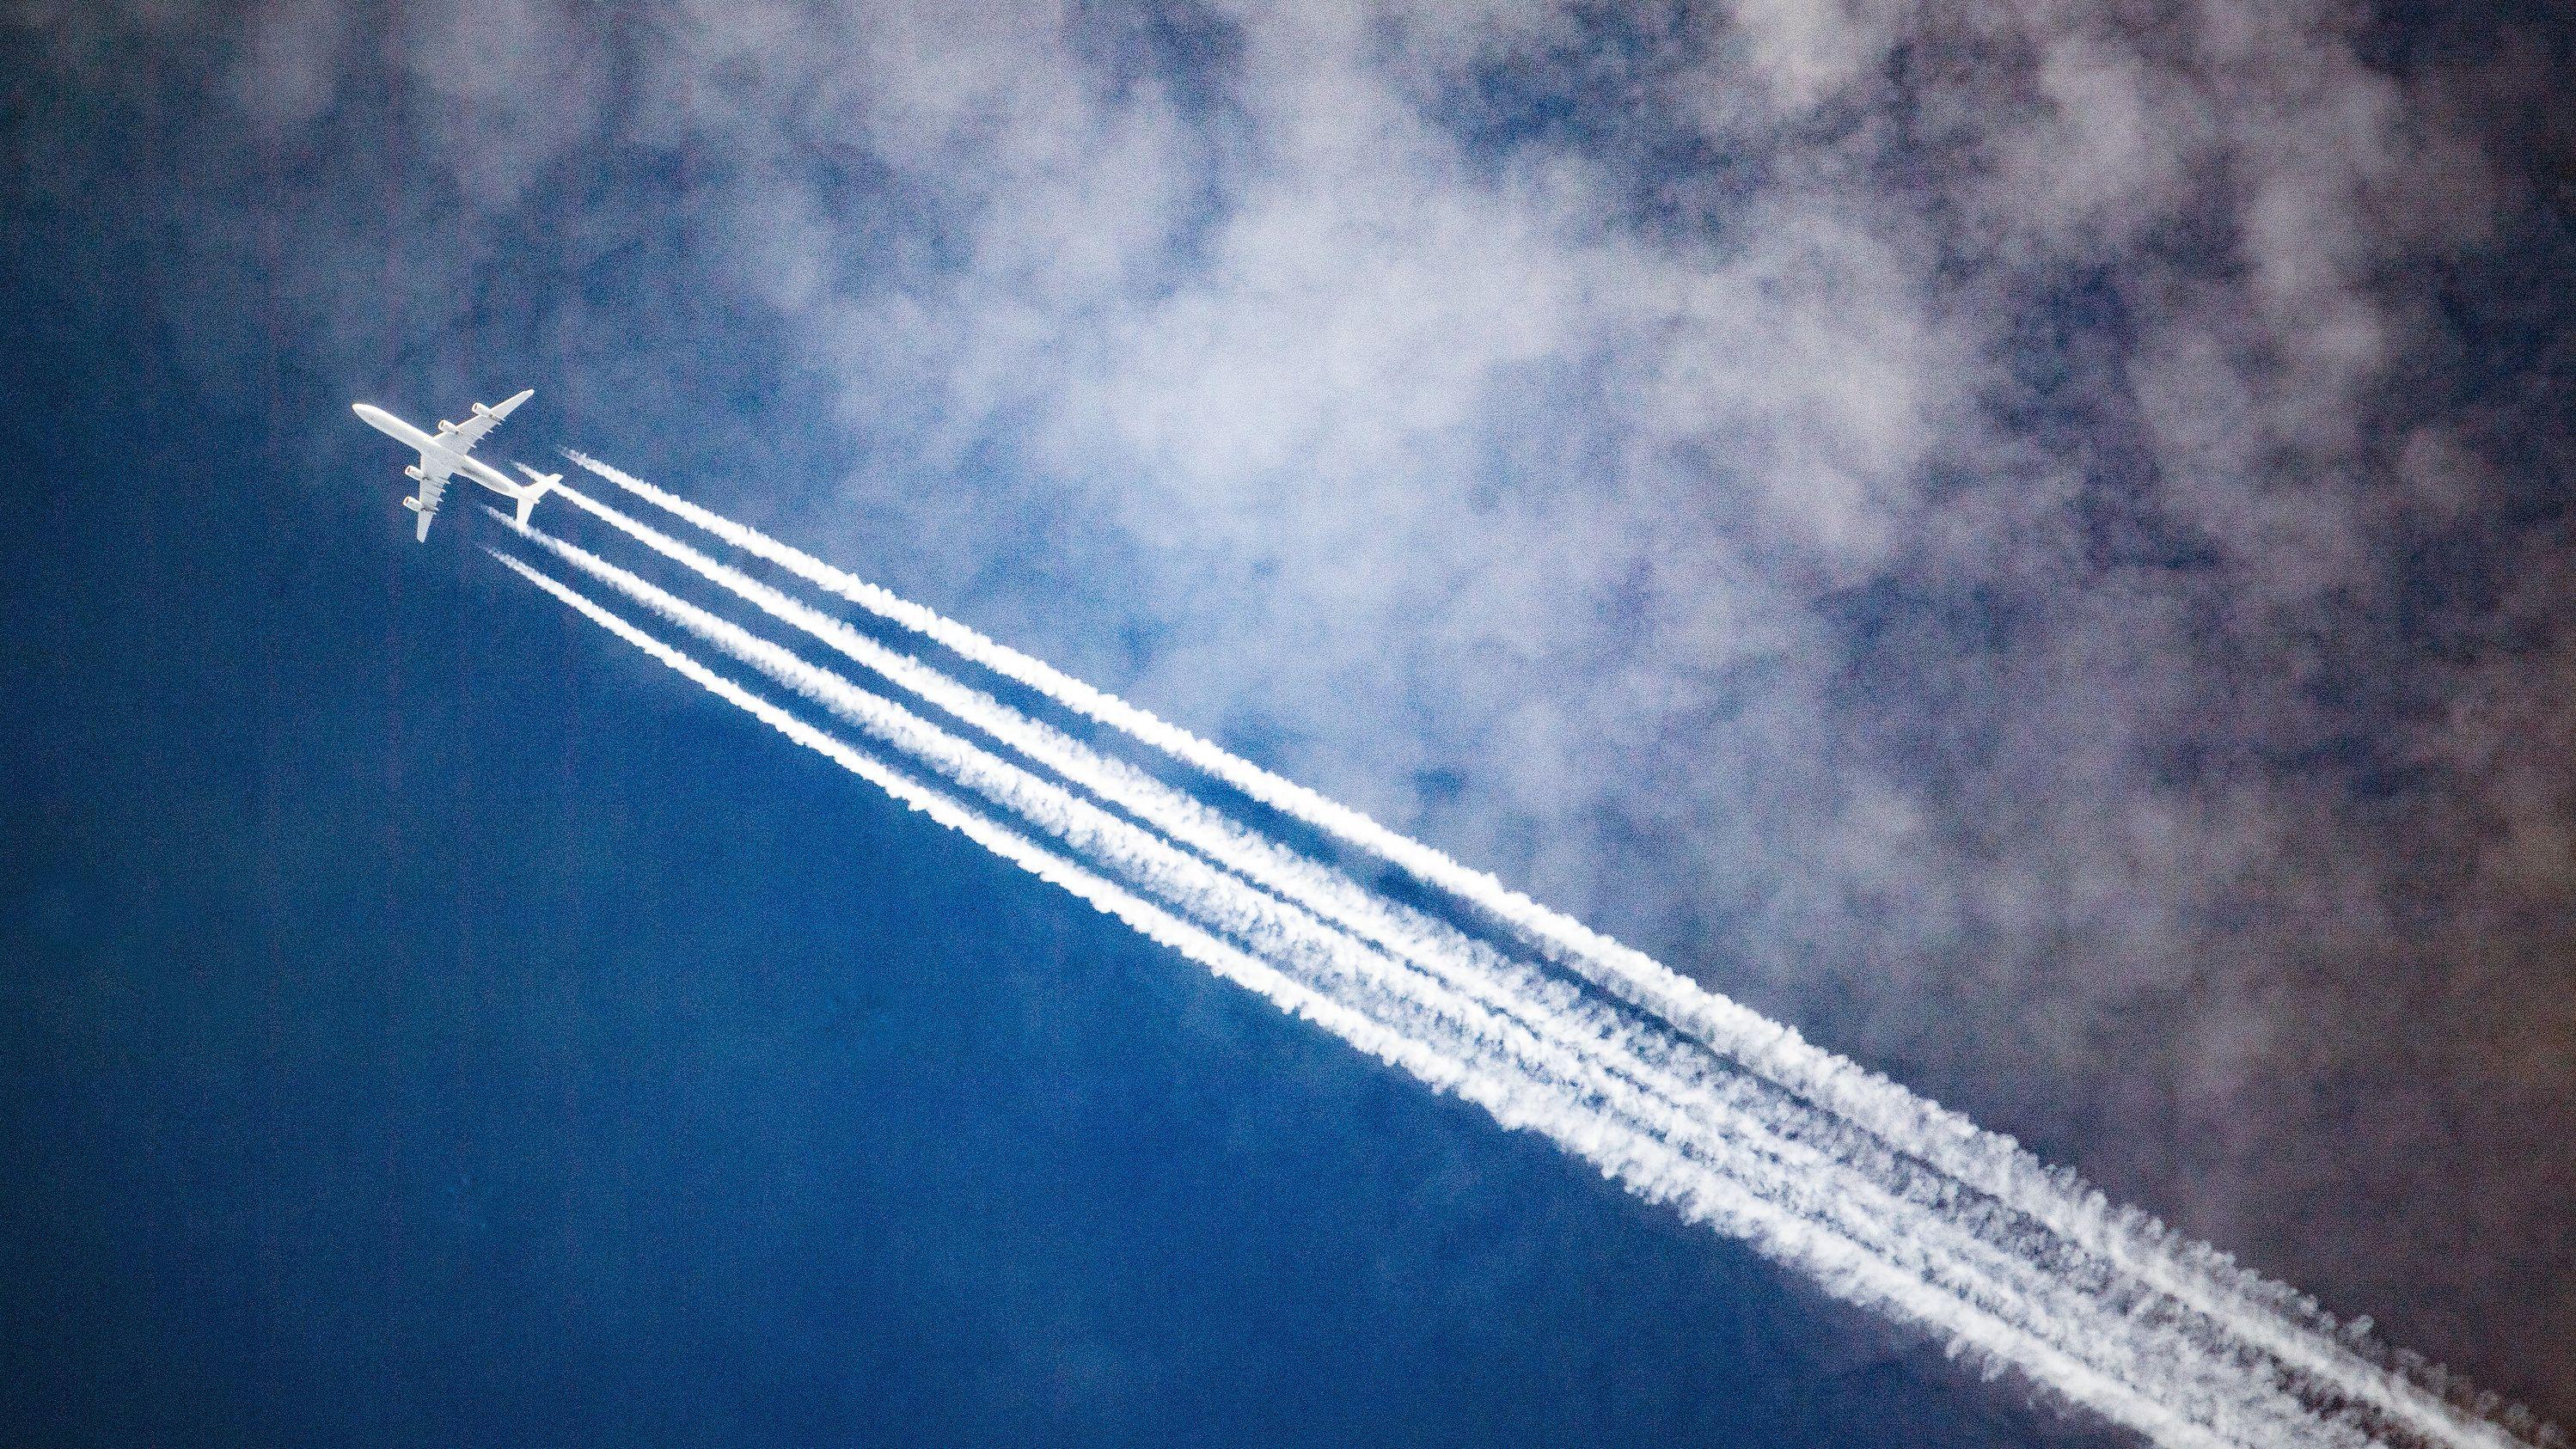 Ein Flugzeug zieht Kondensstreifen hinter sich, während es durch die Wolken fliegt